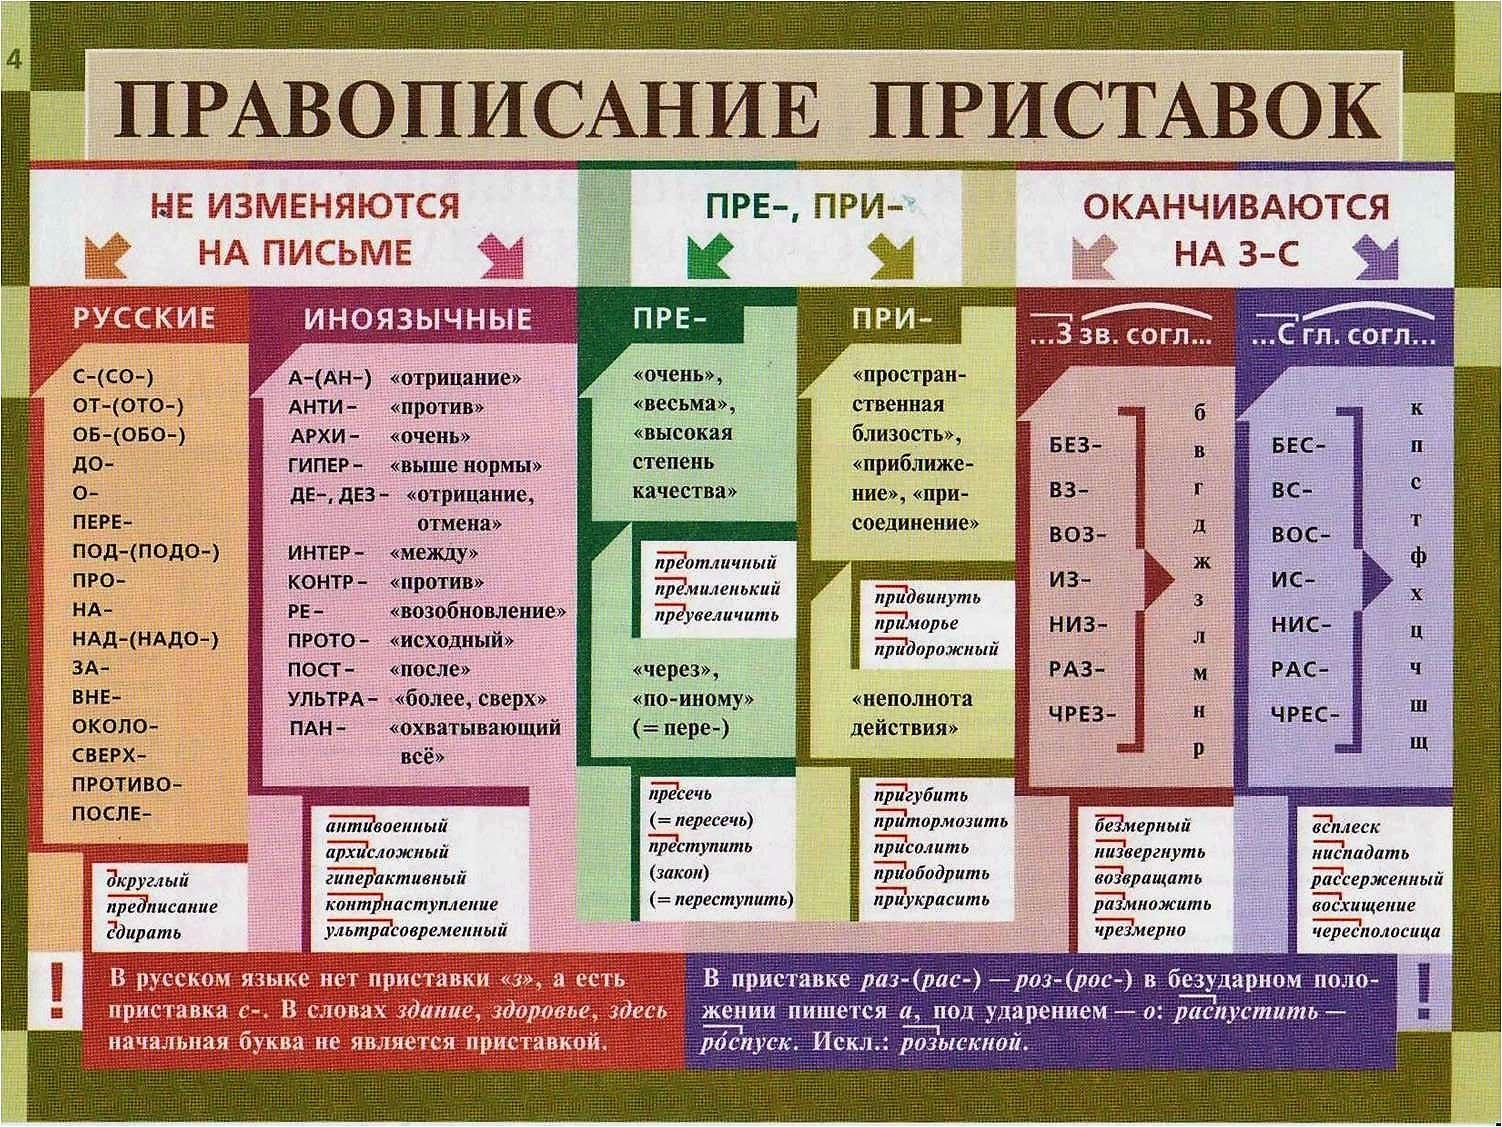 приставки - задание №4 ОГЭ по русскому